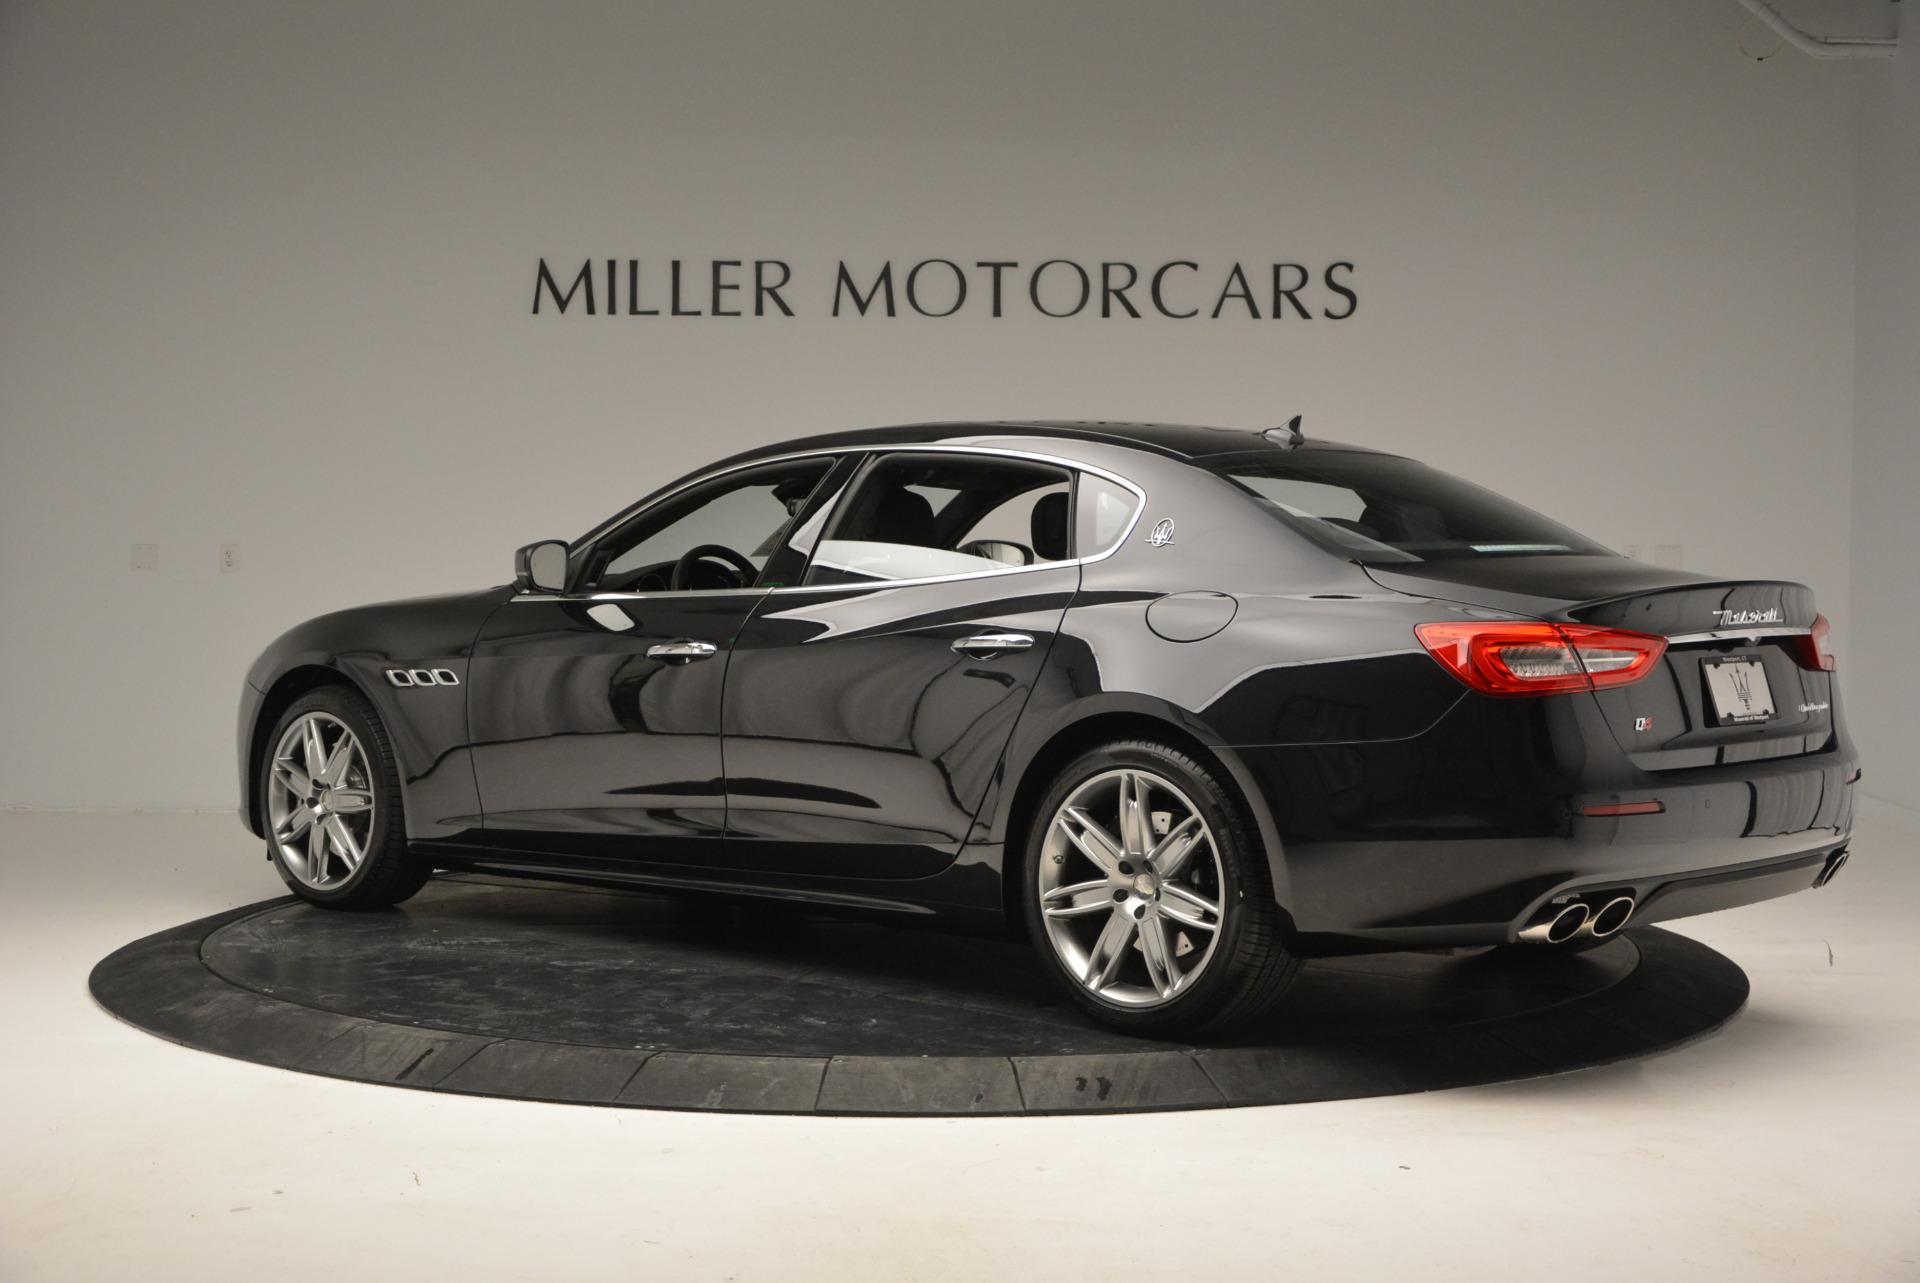 New 2017 Maserati Quattroporte S Q4 GranLusso For Sale In Greenwich, CT 793_p4